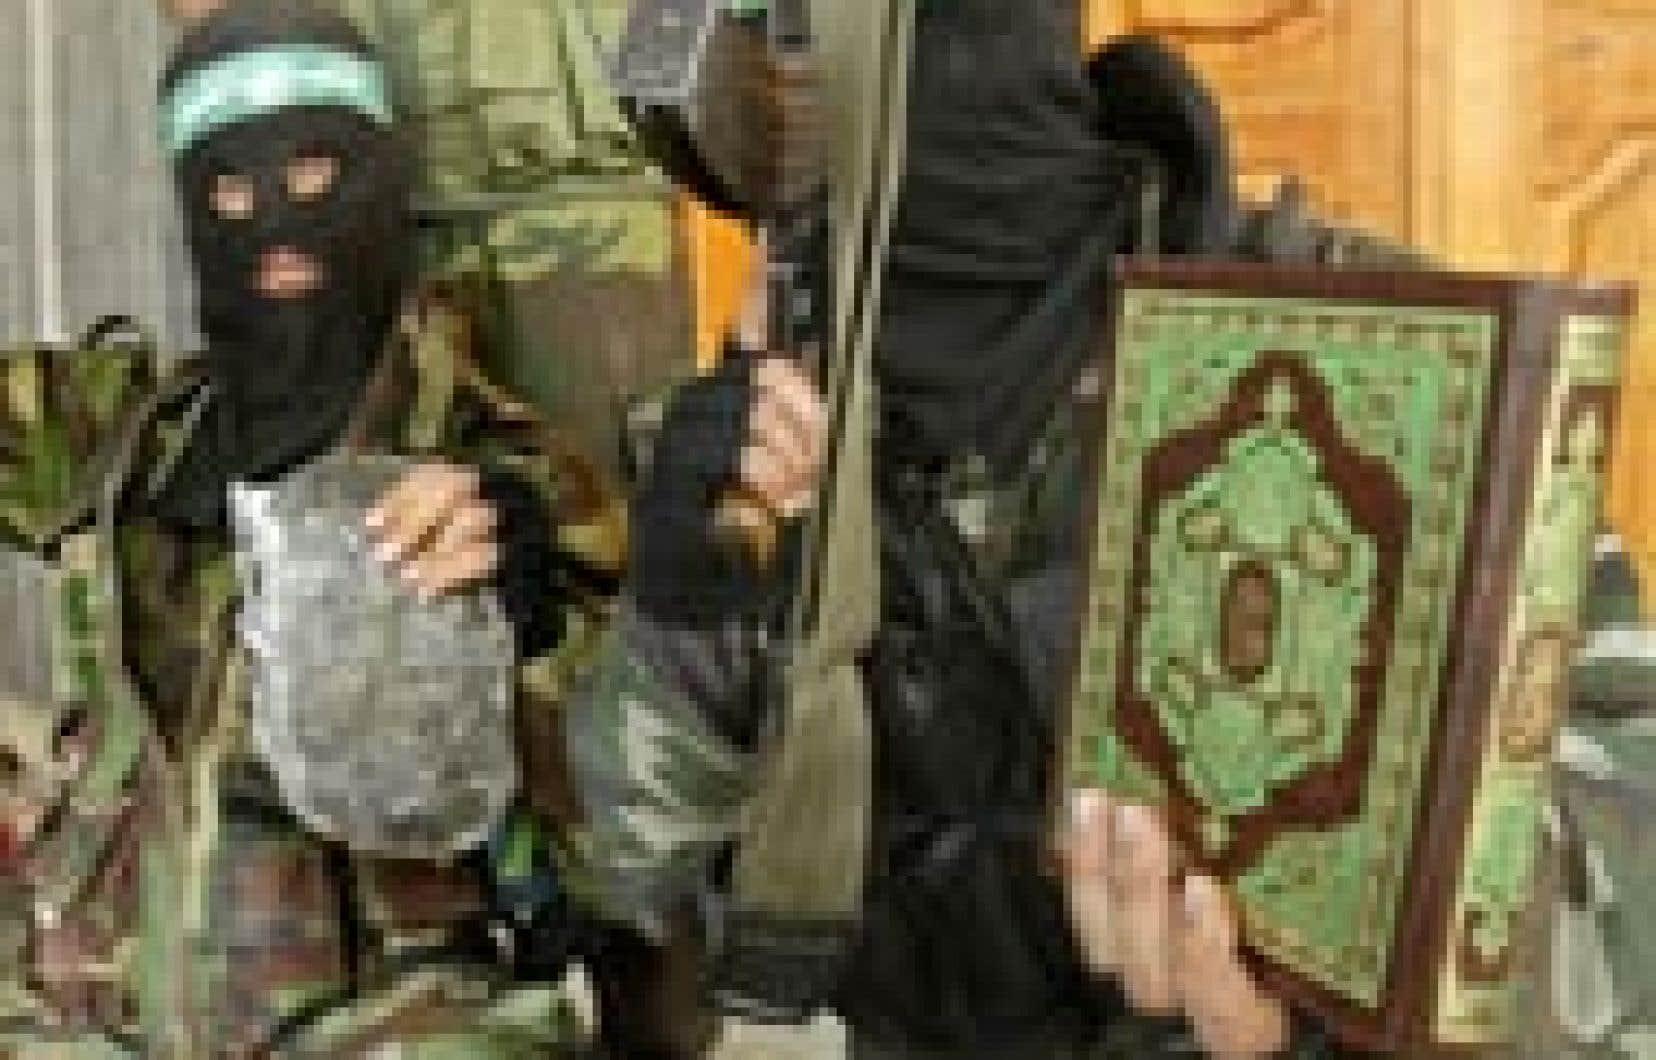 Des membres du Hamas ont paradé avec des morceaux de métal et de chair humaine.